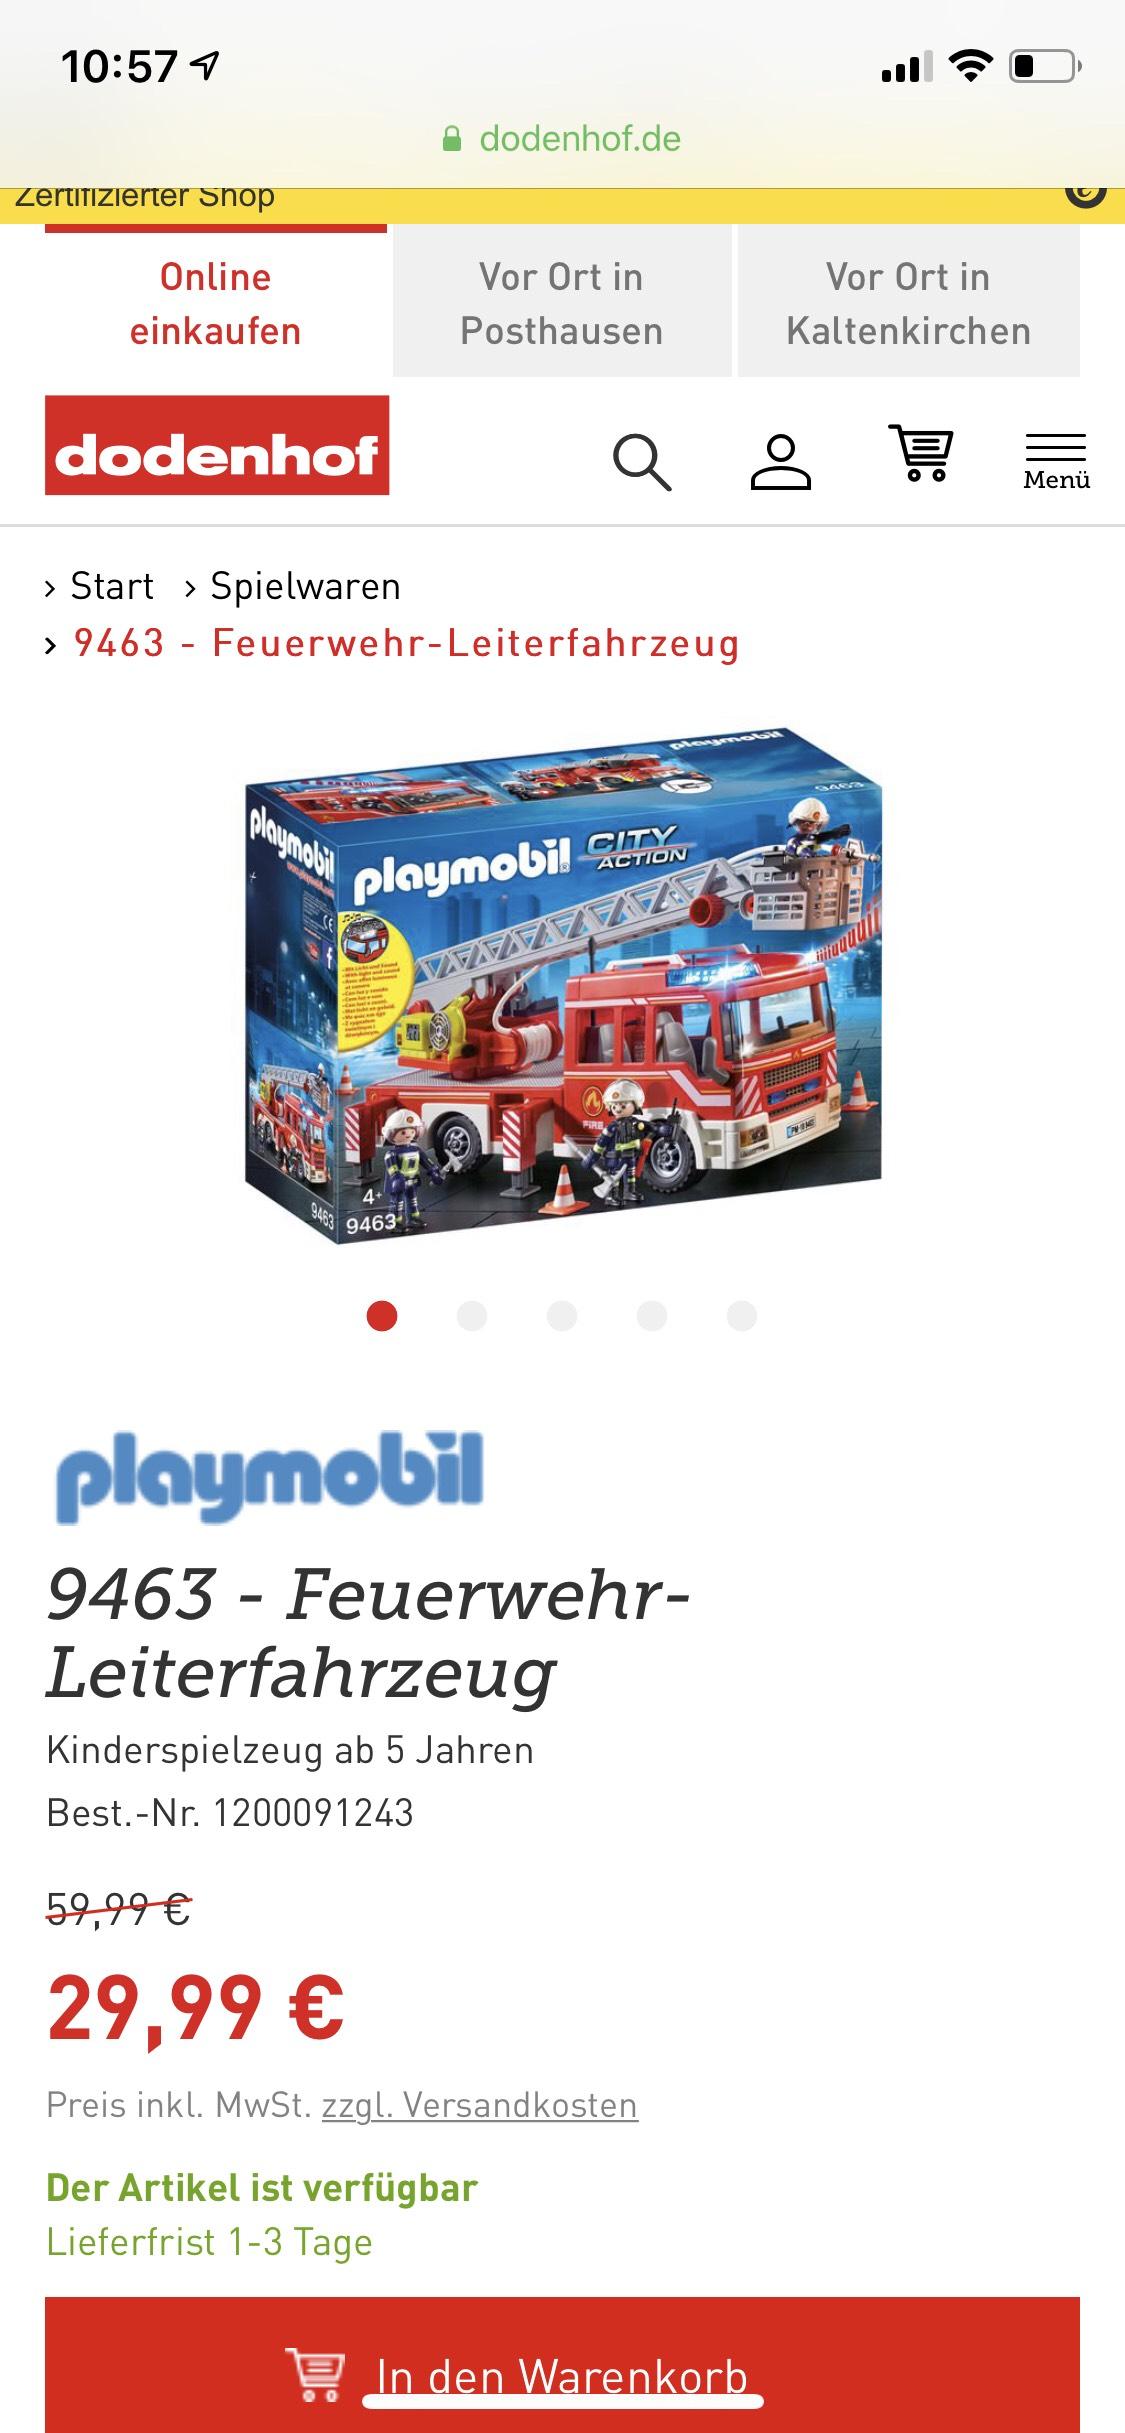 Playmobil stark reduziert - z.B. Playmobil City Action Feuerwehr Leiterfahrzeug, bei dodenhof